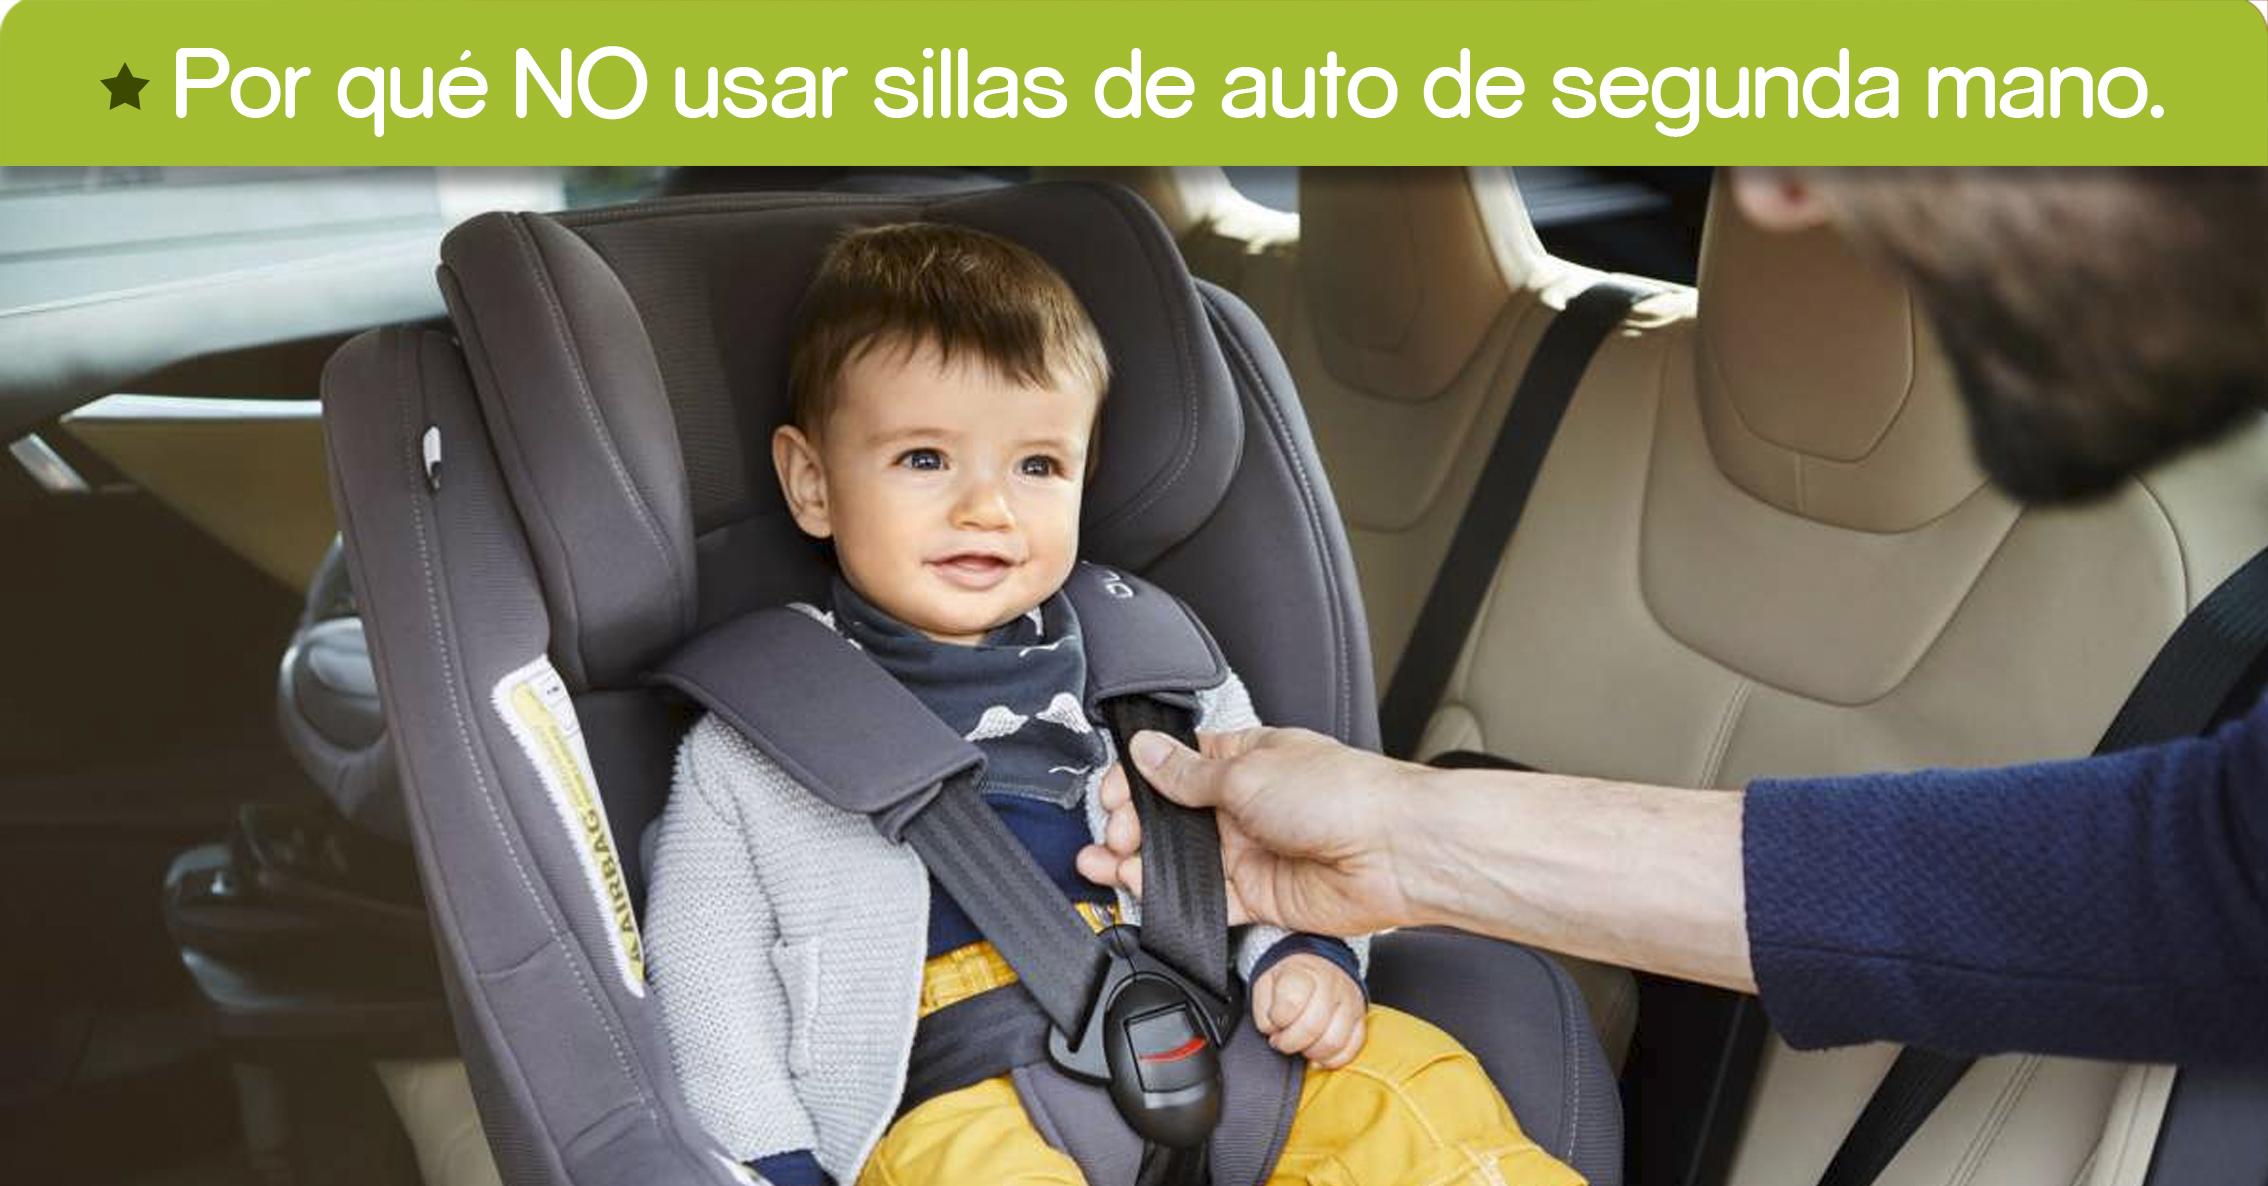 Por qu no usar sillas de auto de segunda mano el planeta del beb - Silla coche segunda mano ...